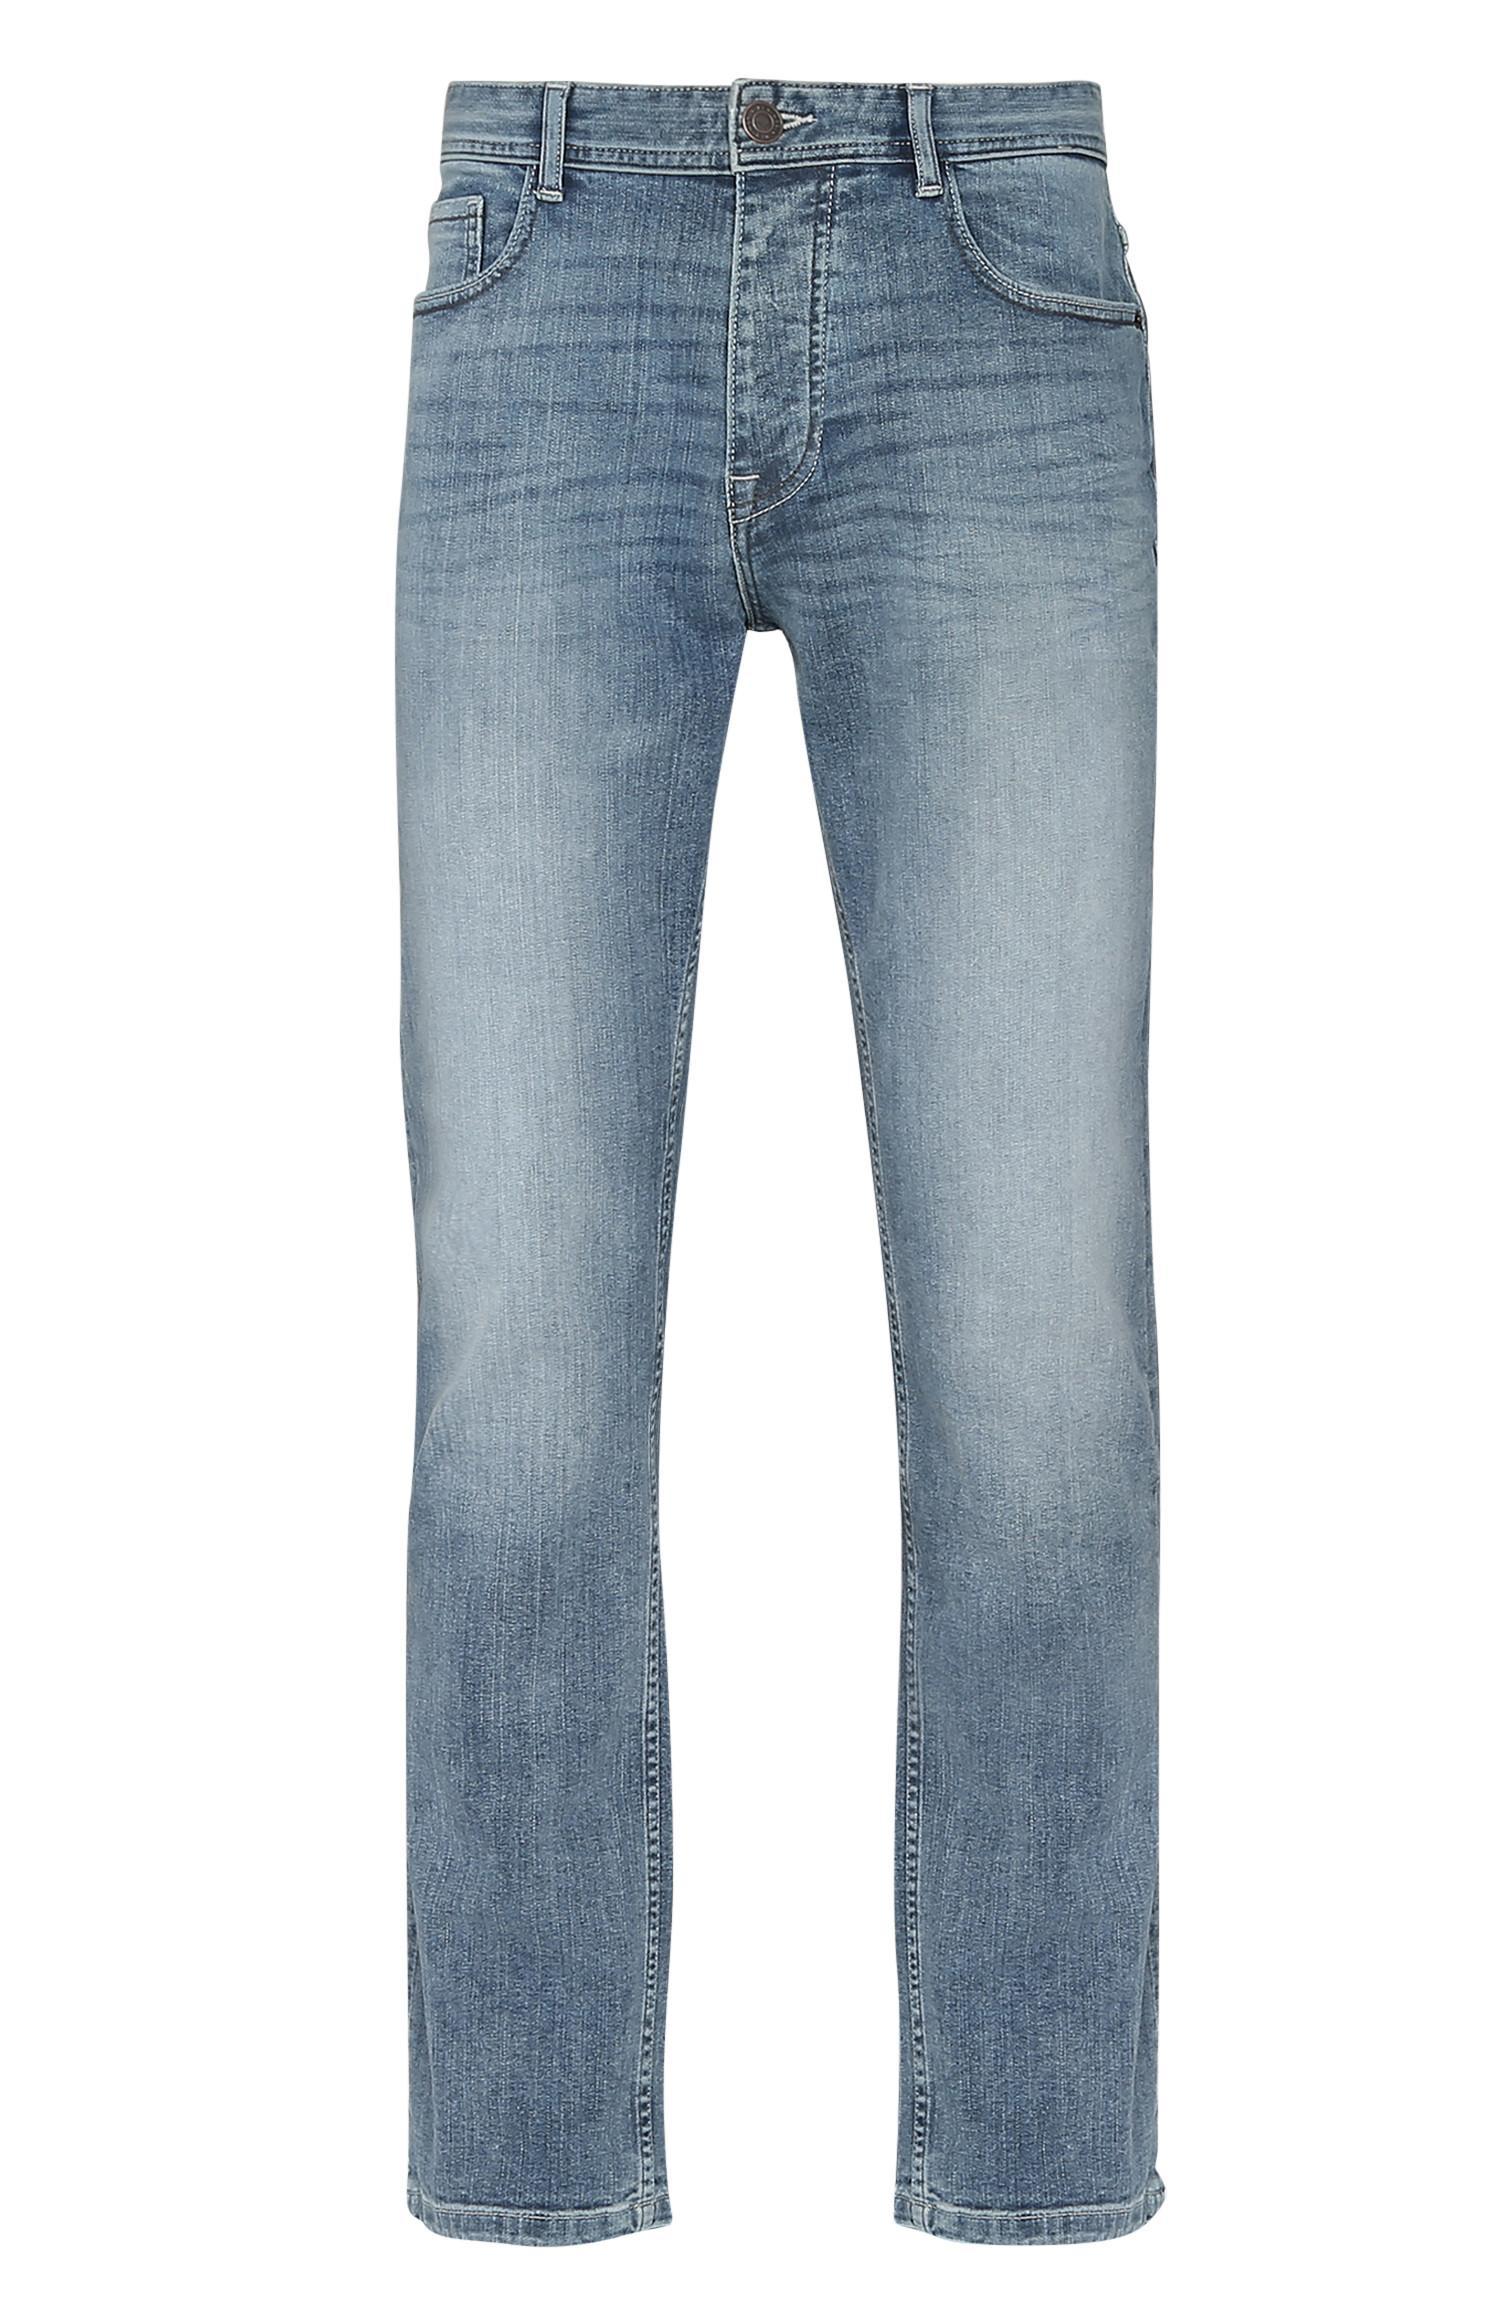 Light Blue Faded Jean